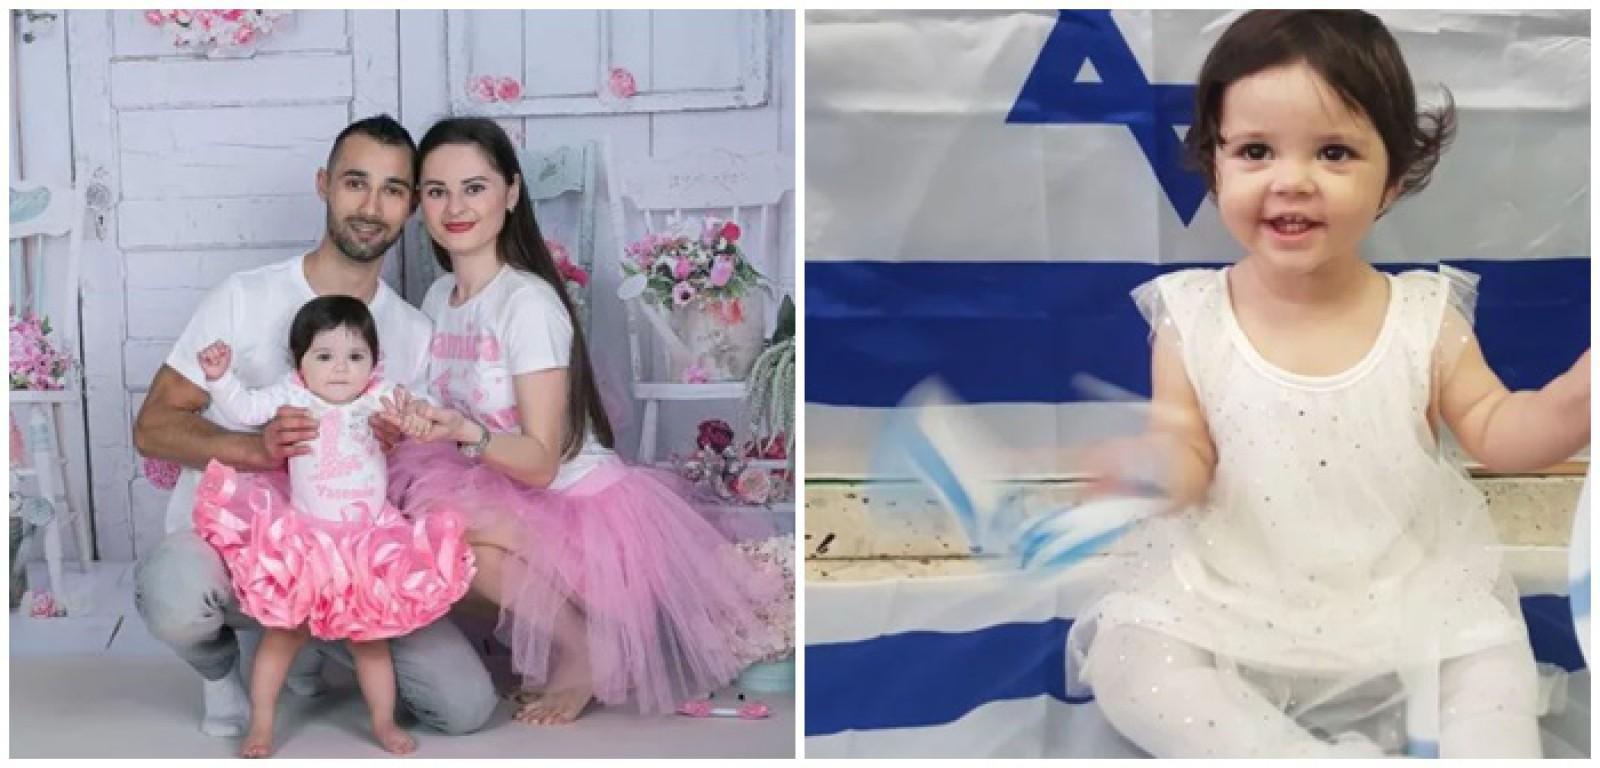 Interviu cu mama fetiței ucise într-o grădiniță din Israel: Nu poate exista situație în care ea să scăpe de pedeapsă și să continue viața ca și cum nimic nu s-ar fi întâmplat